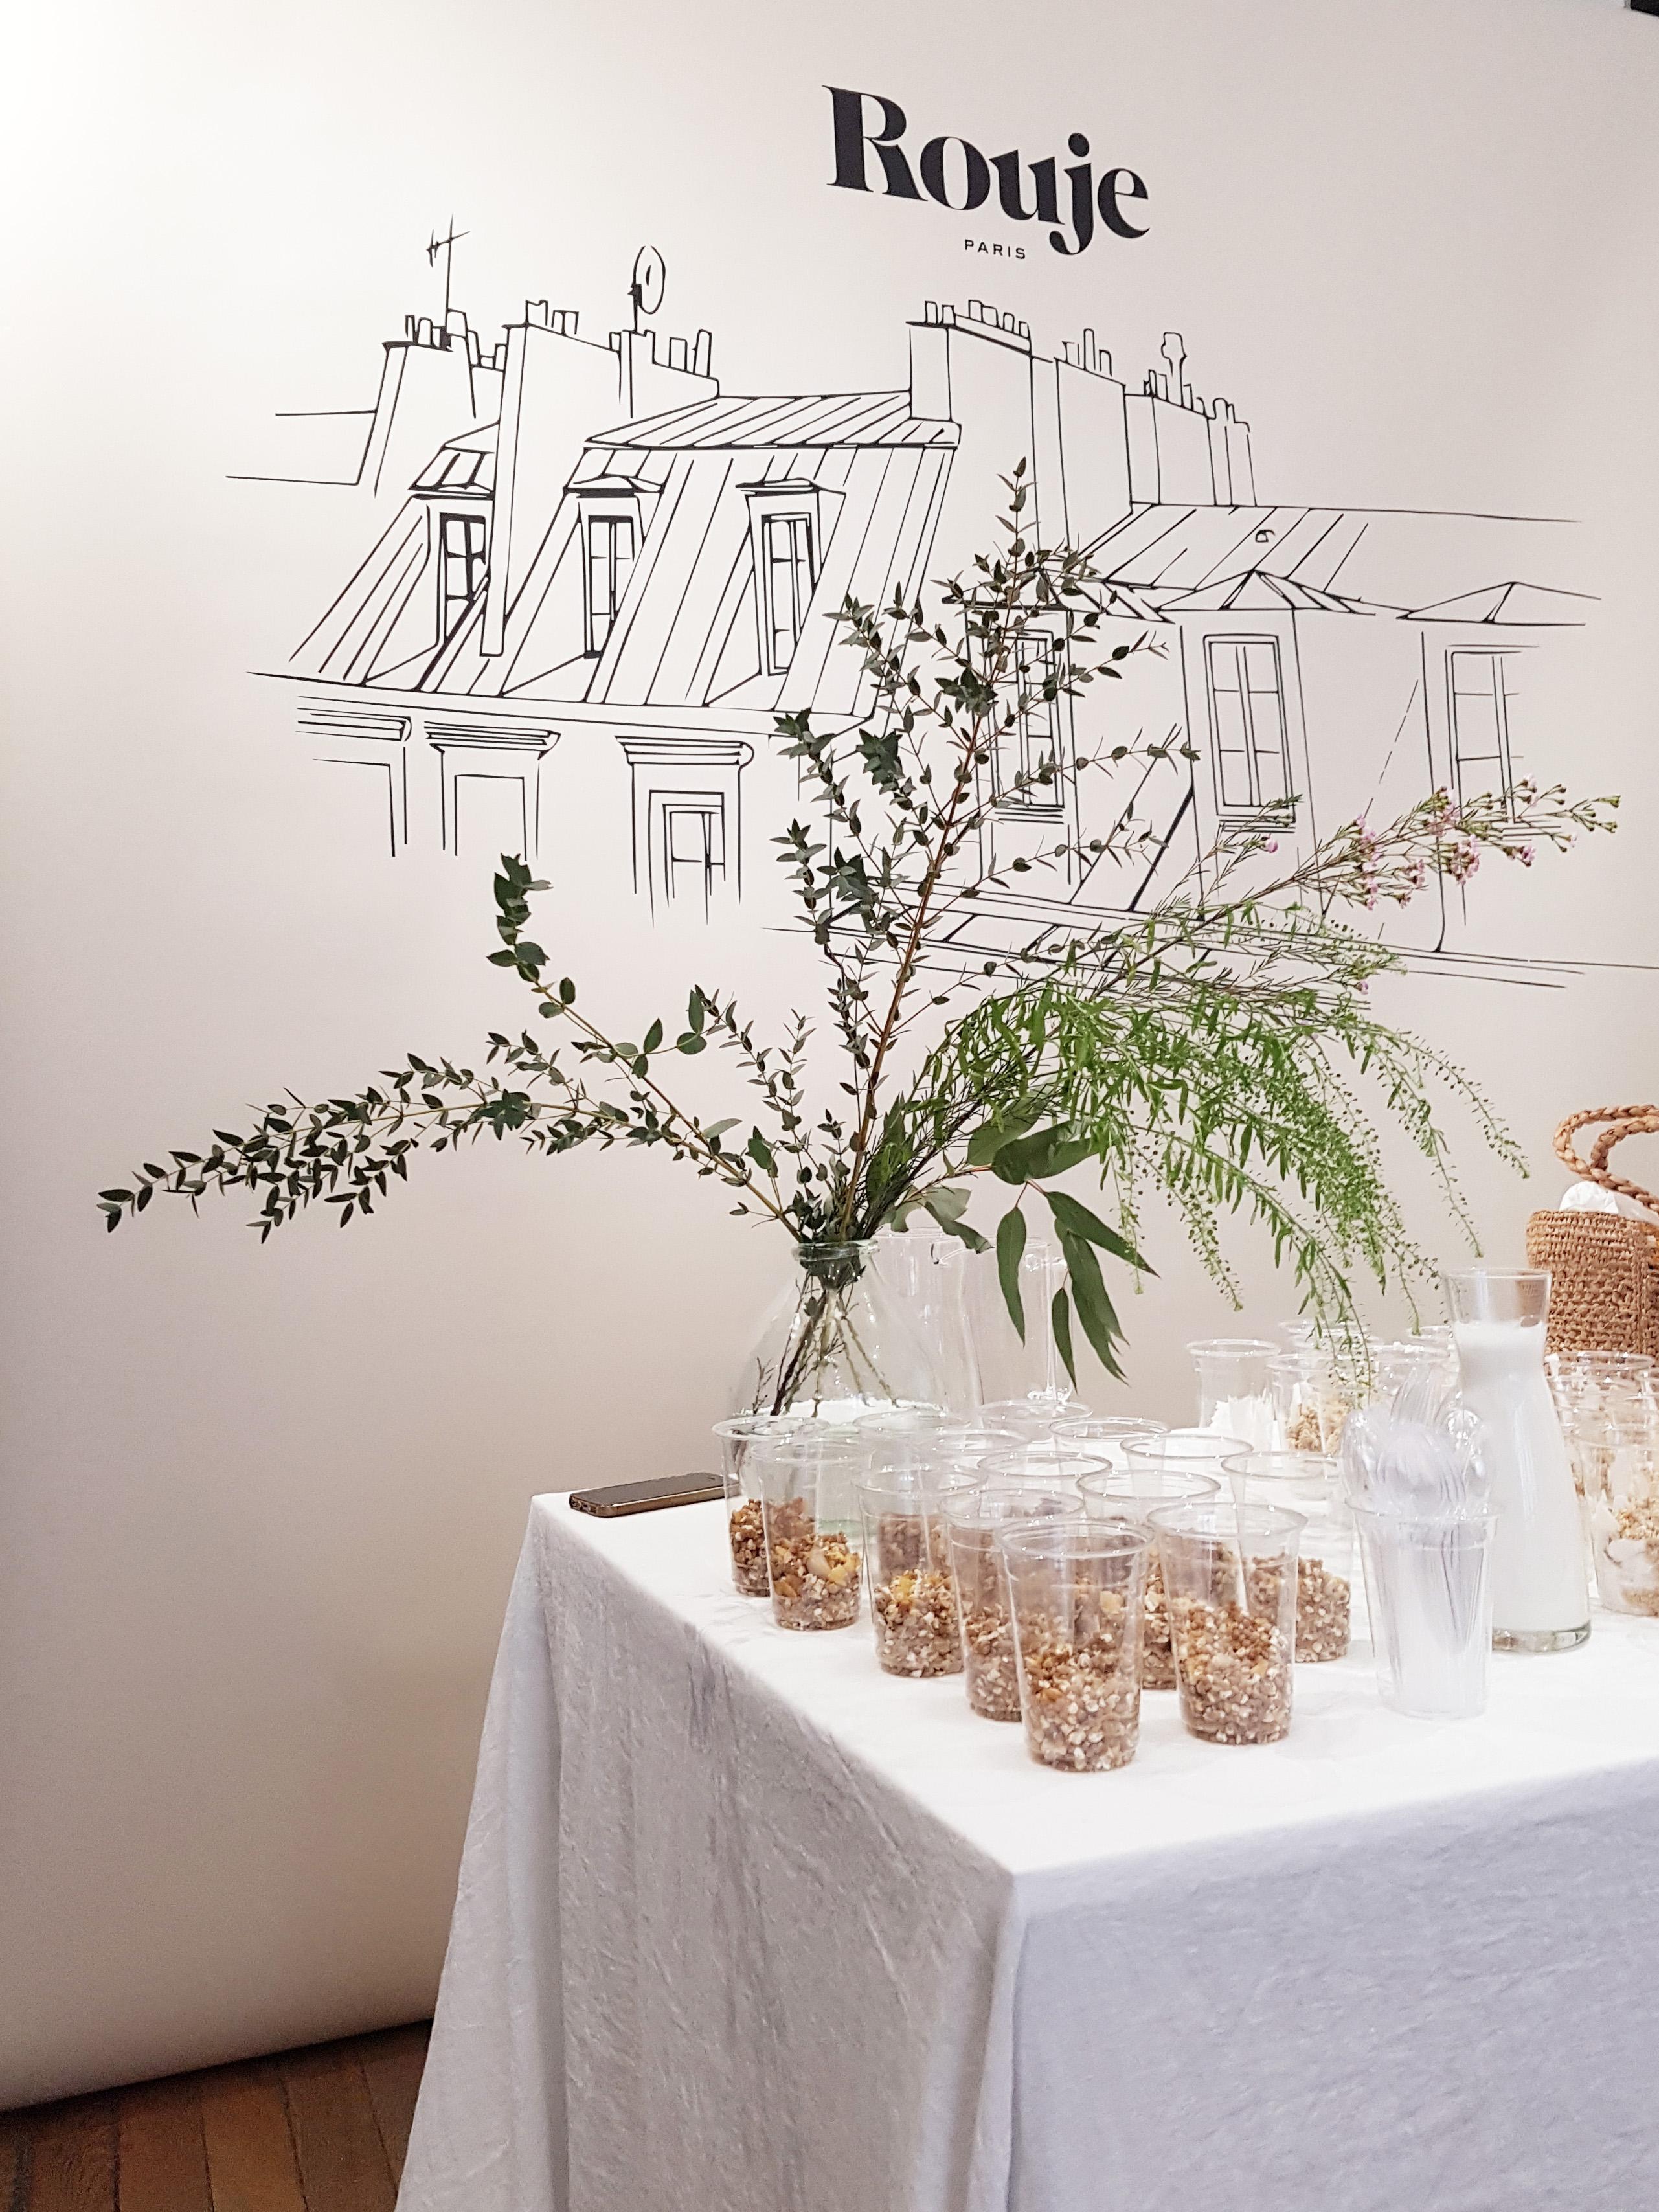 Rouje Breakfast by Atelier JEM